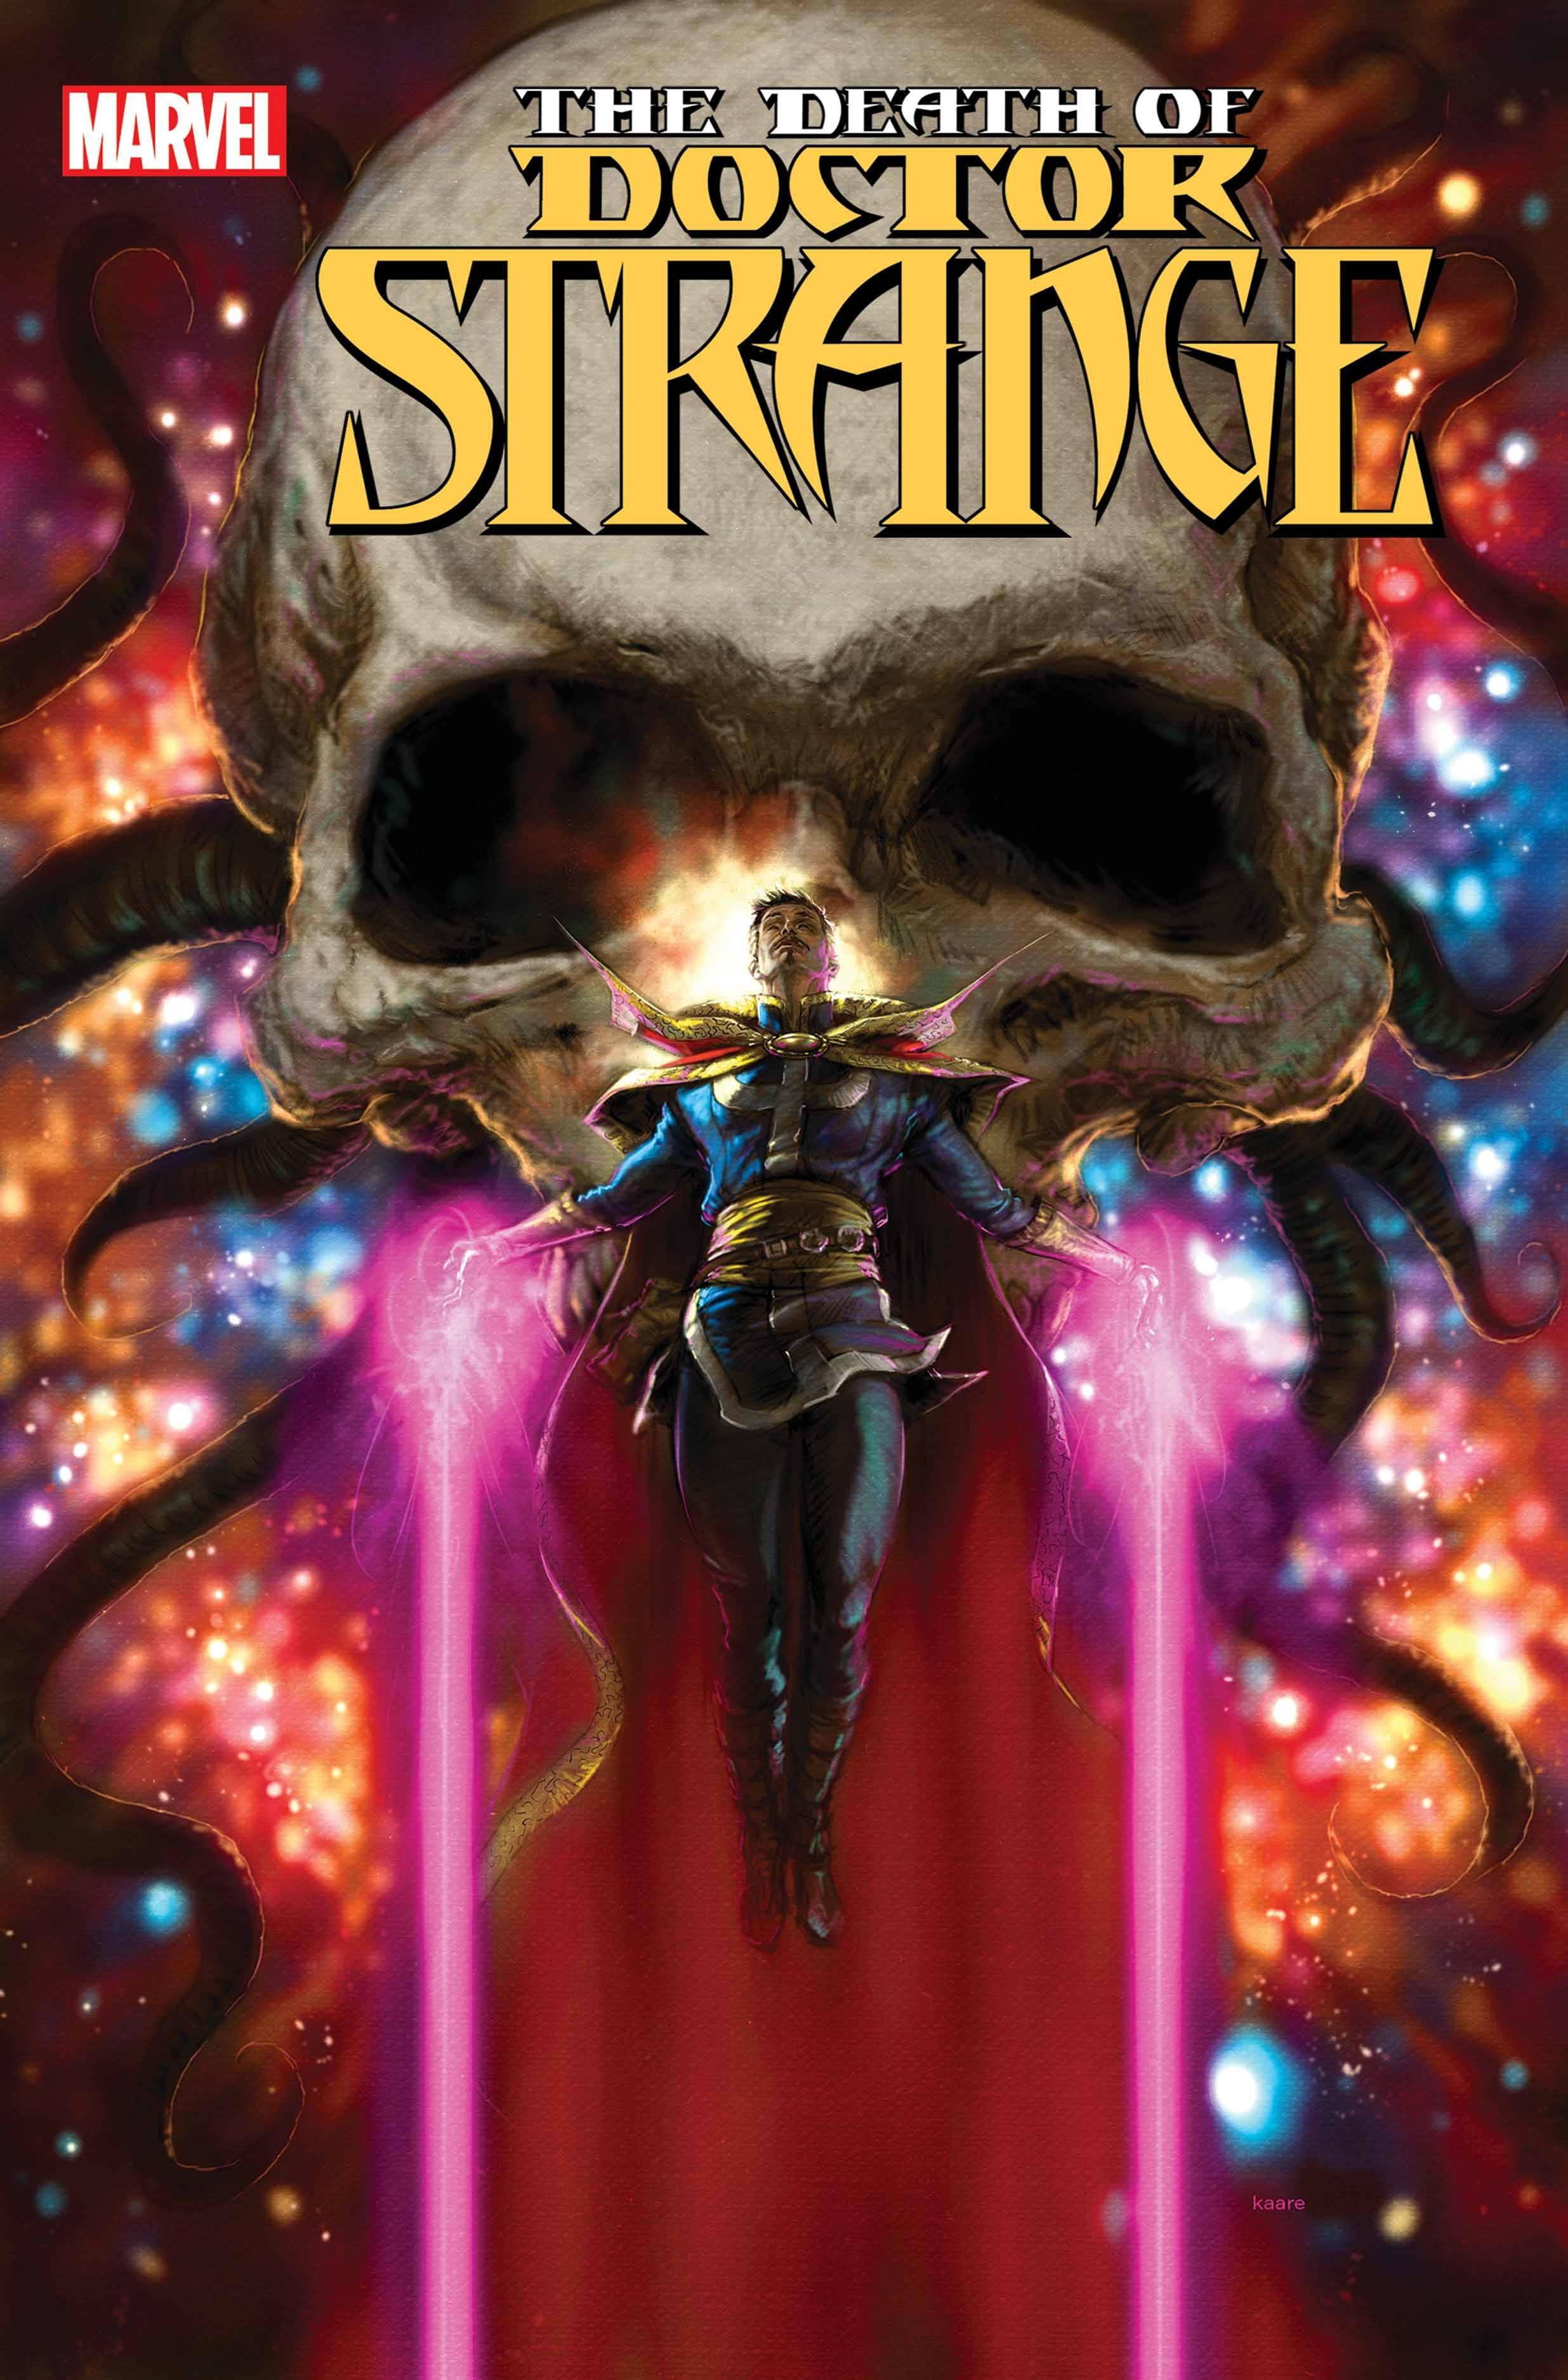 DEATH OF DOCTOR STRANGE #1 Cover